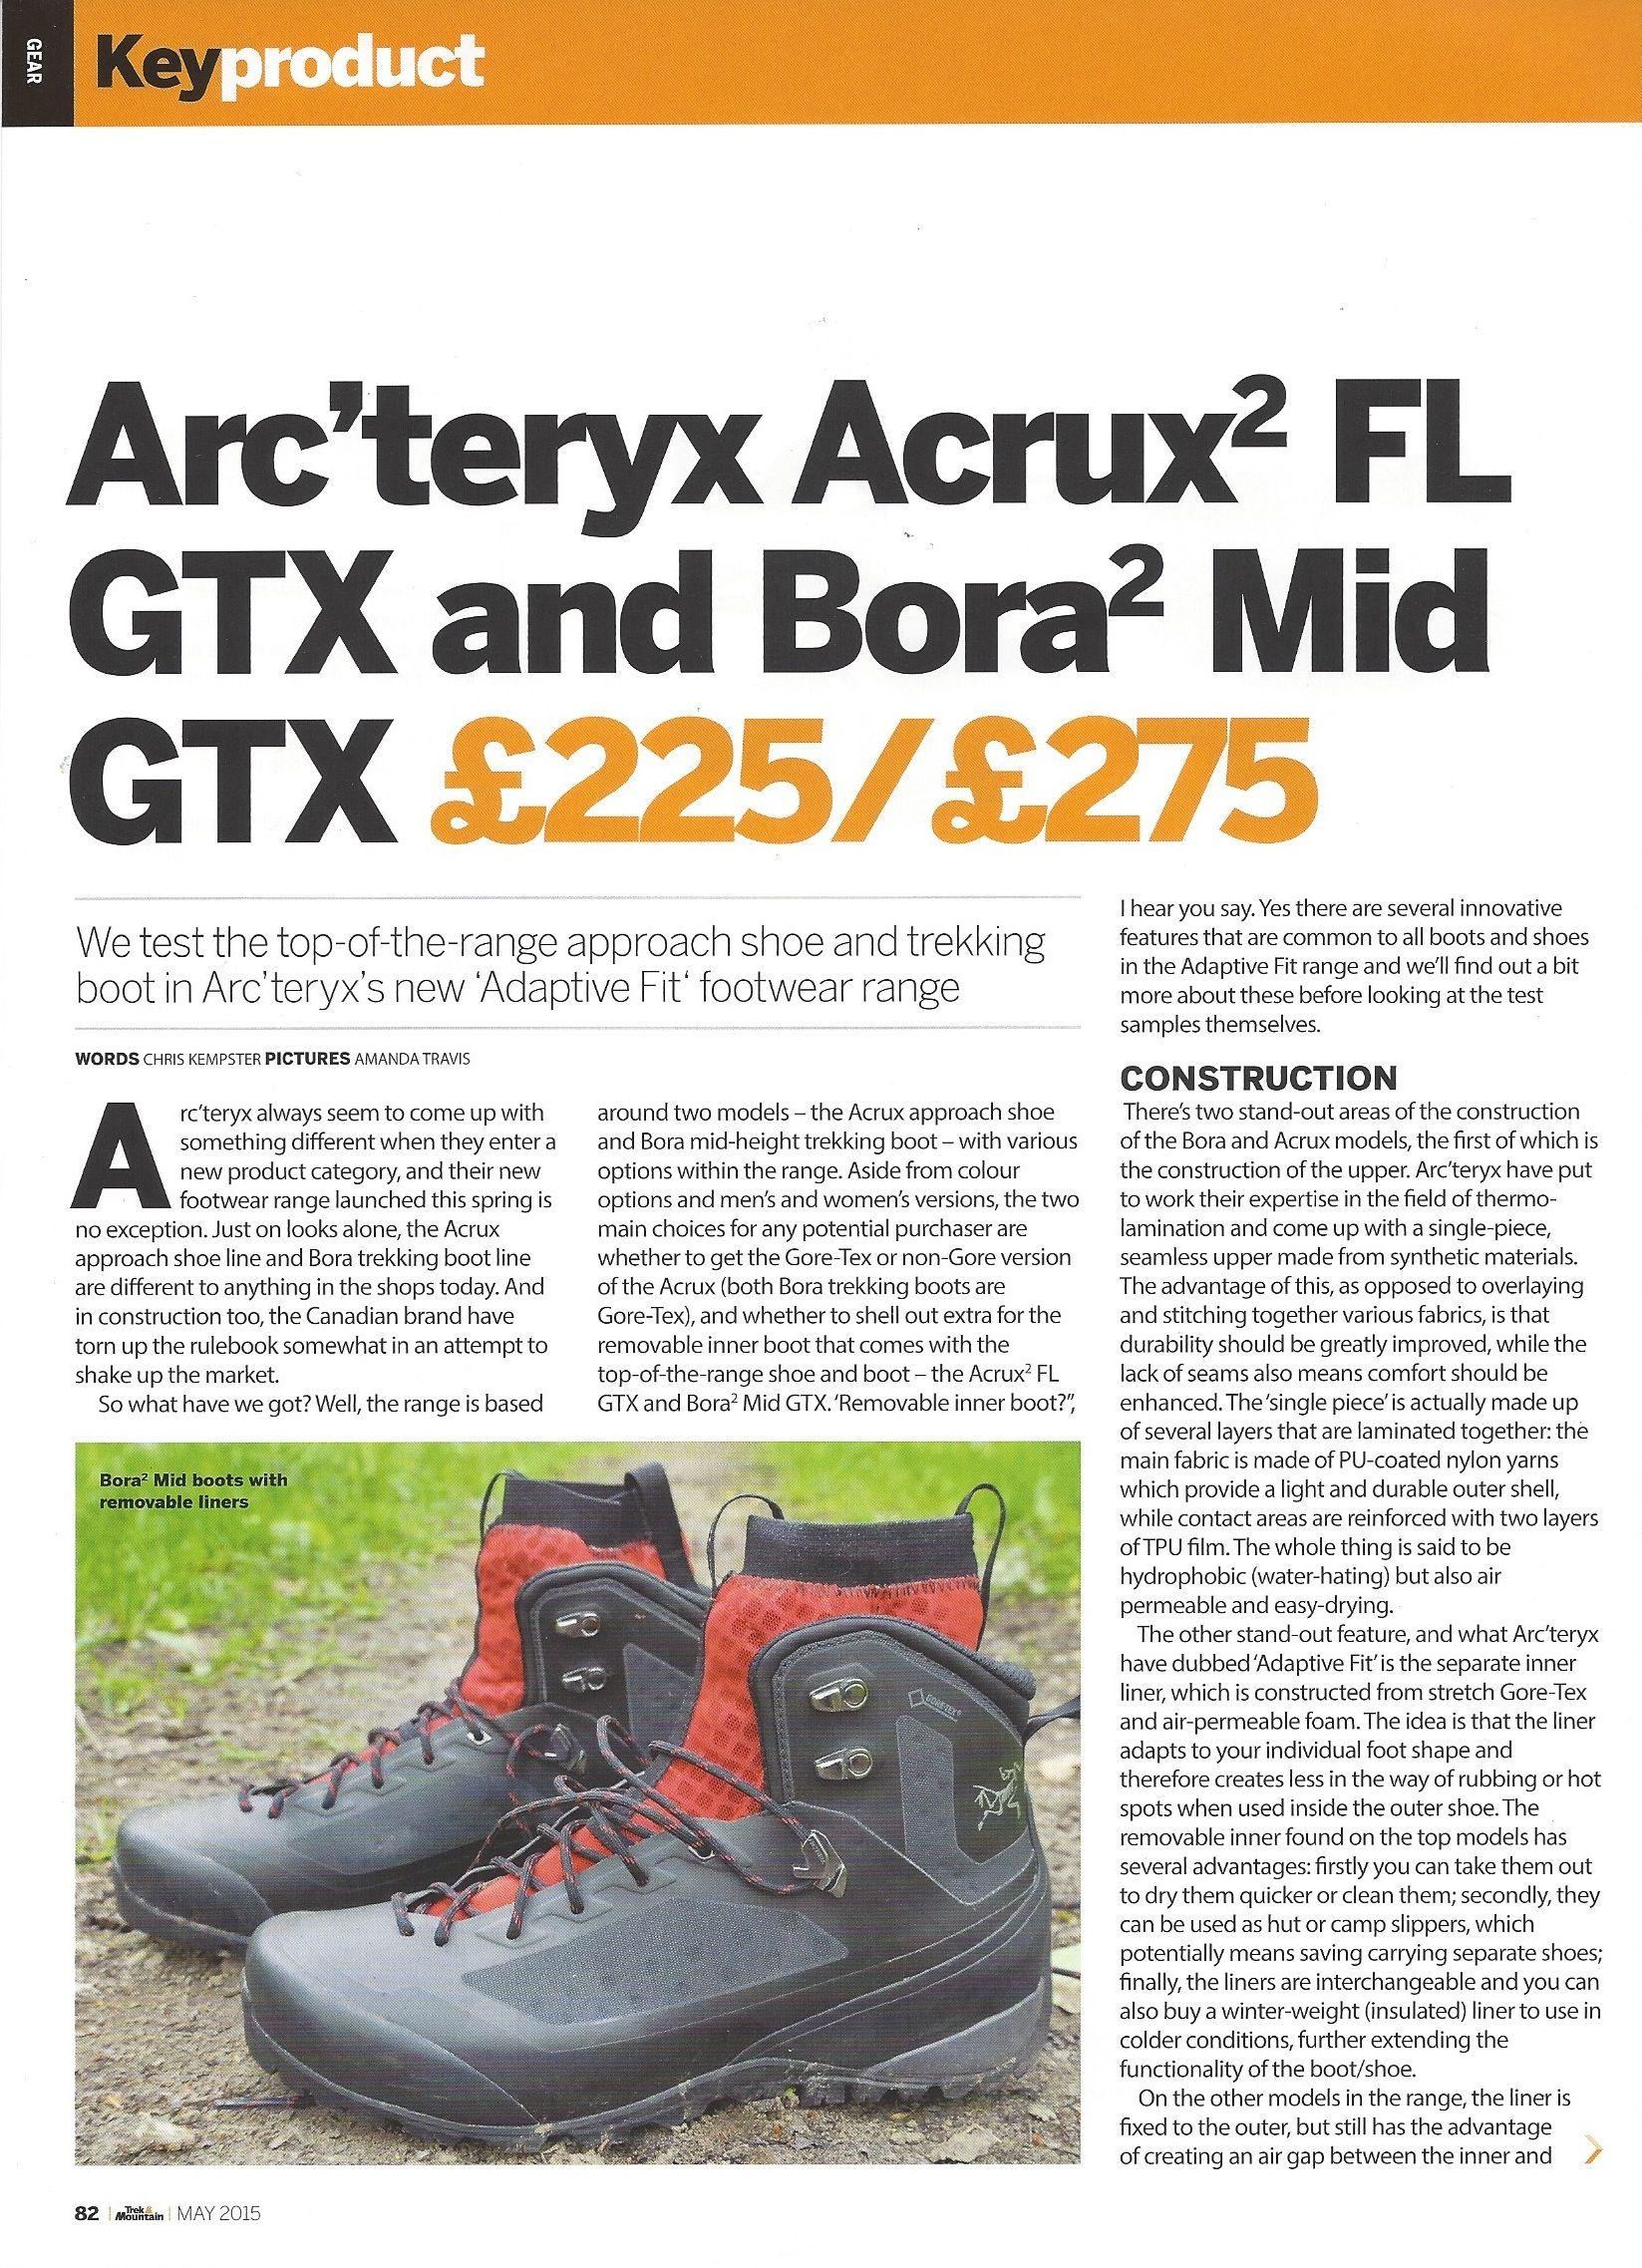 Arc'teryx Trek & Mountain May 2015 Acrux² FL GTX and